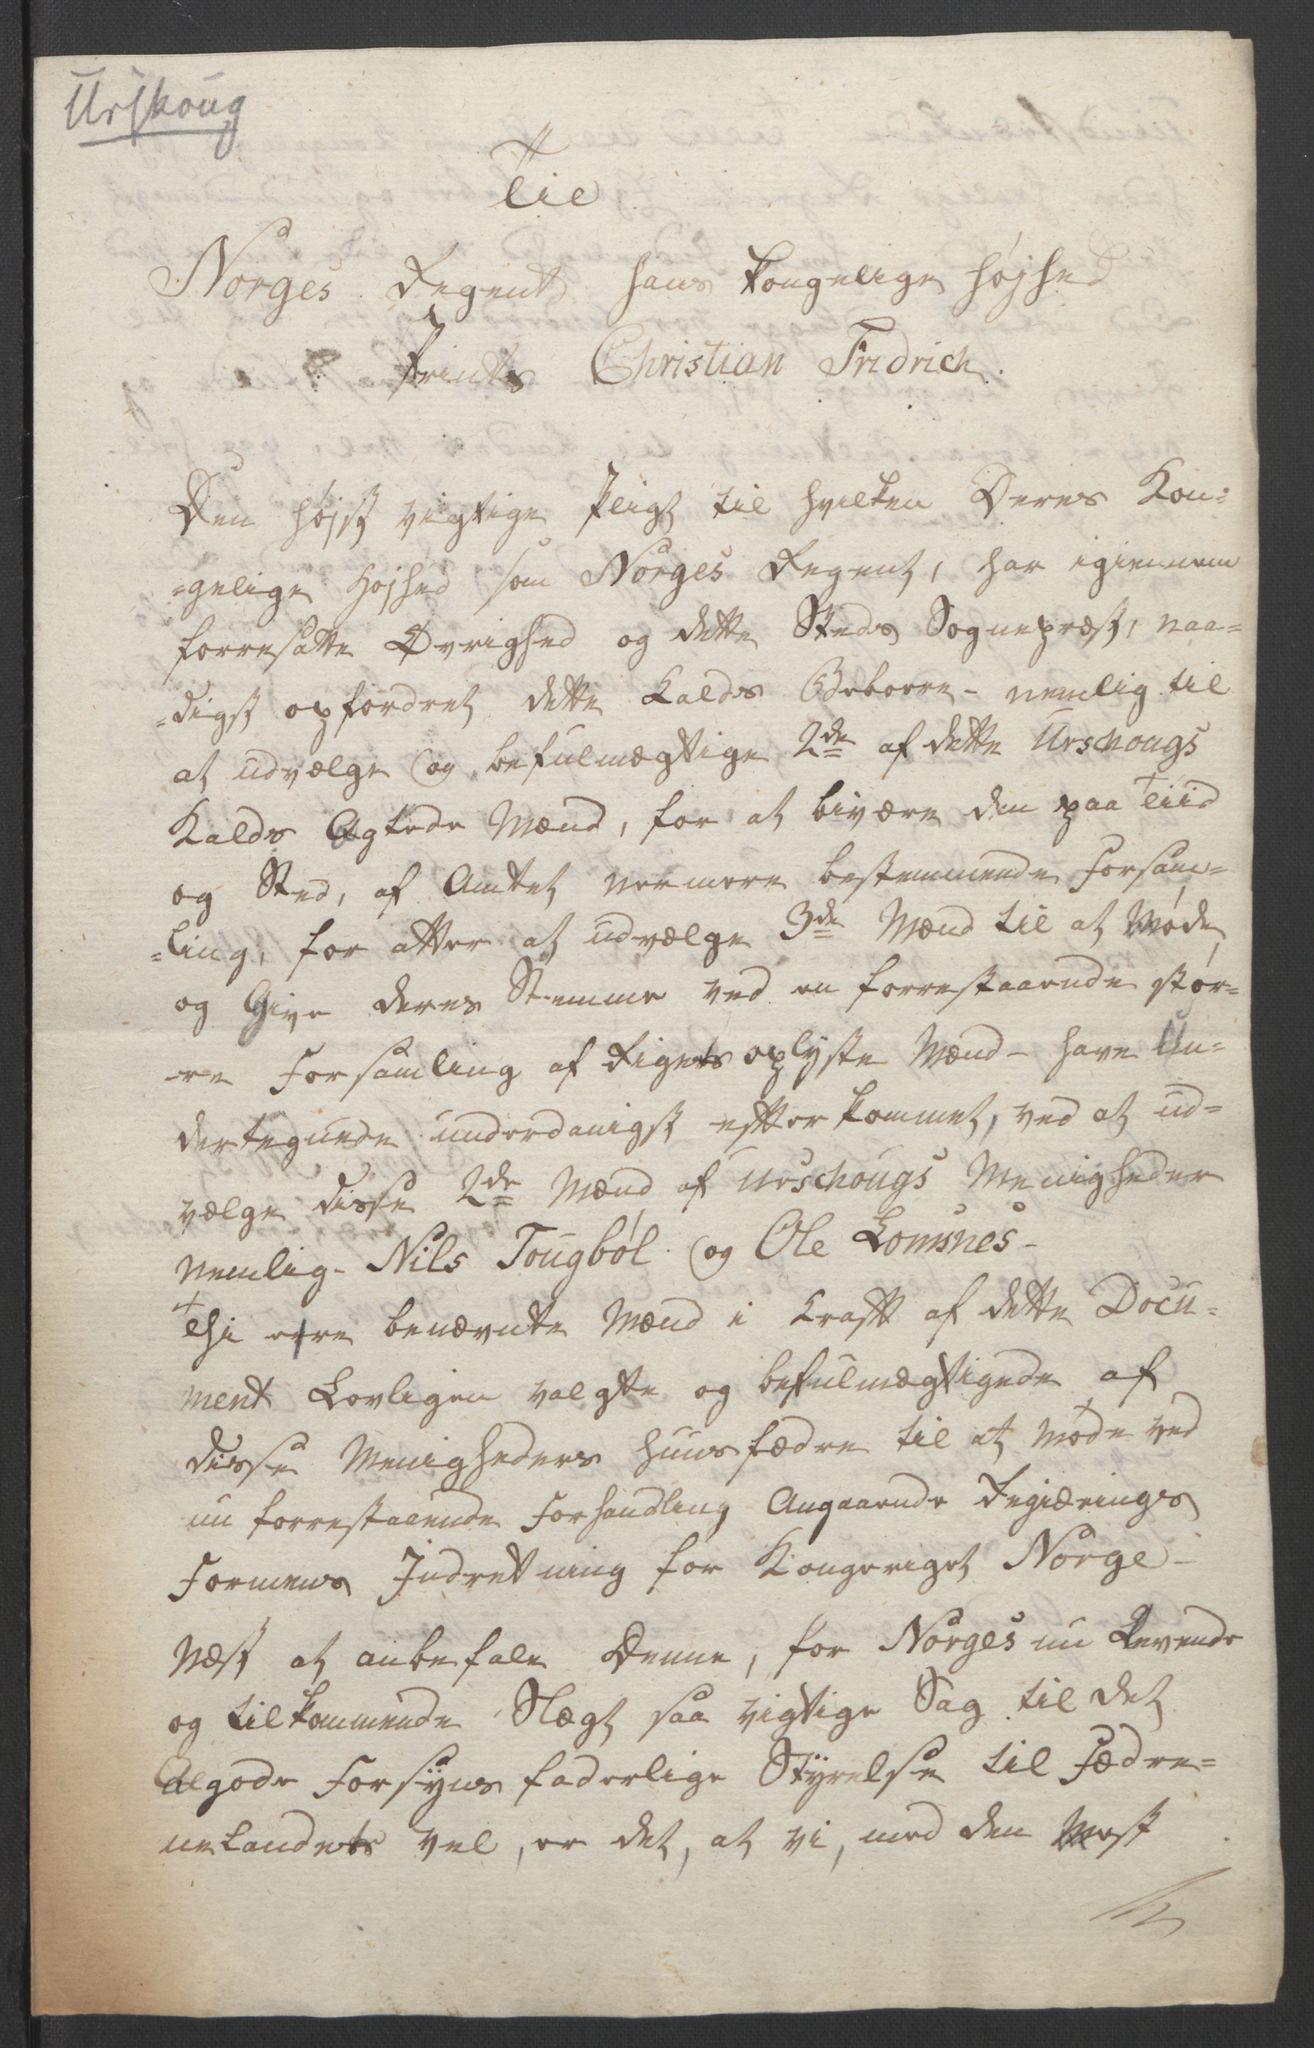 RA, Statsrådssekretariatet, D/Db/L0007: Fullmakter for Eidsvollsrepresentantene i 1814. , 1814, s. 208